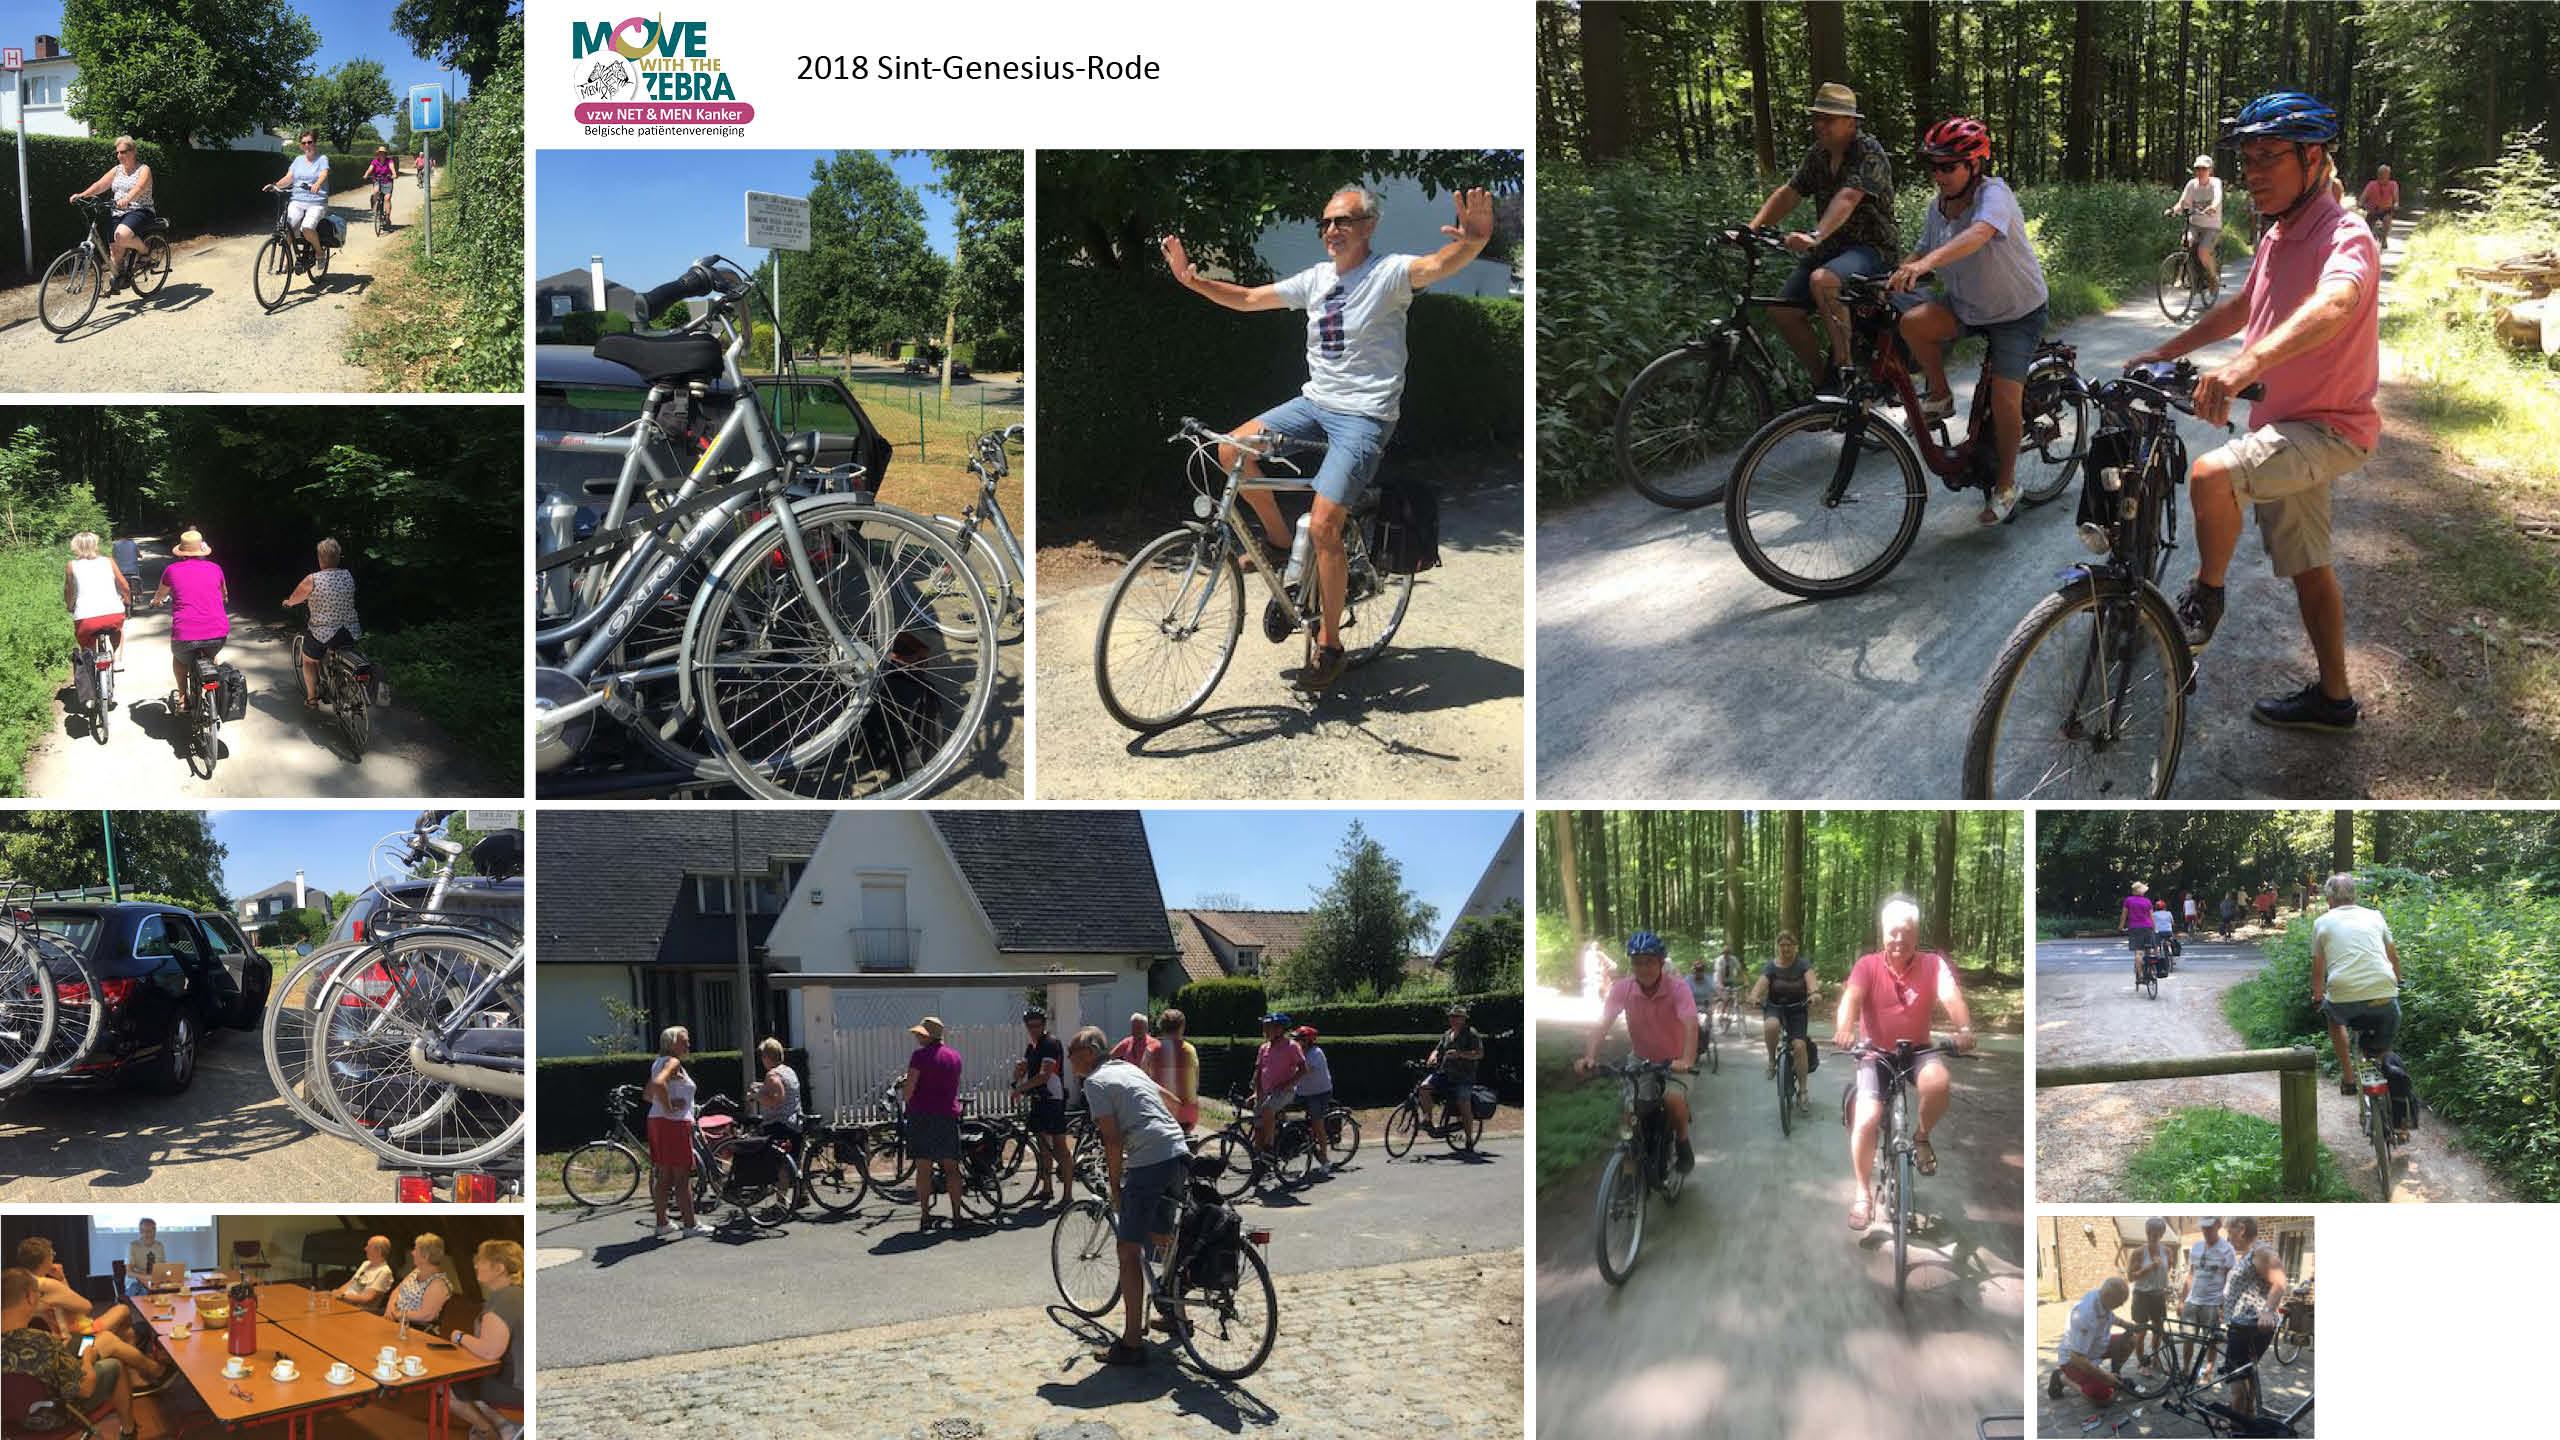 Move with the Zebra bijeenkomst in 2018 te Sint-Genesius-Rode